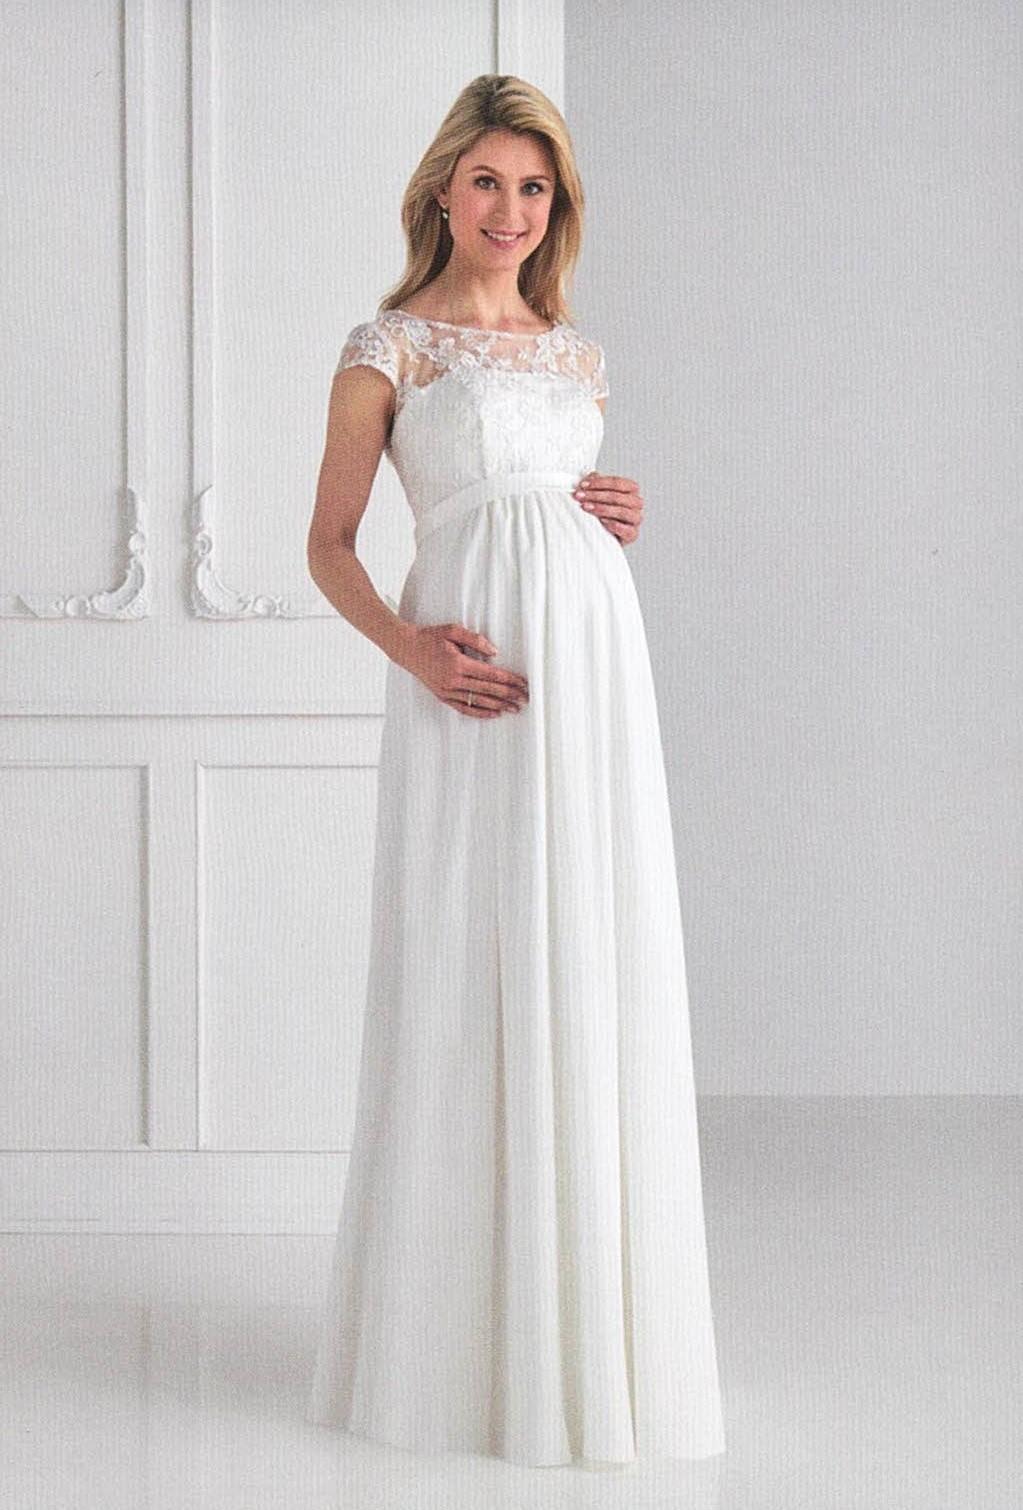 Brautkleider Hochzeitskleider Mode für schwangere langes jugendliches Kleid mit Spitze und kleiner Ärmel hoch geschlossen